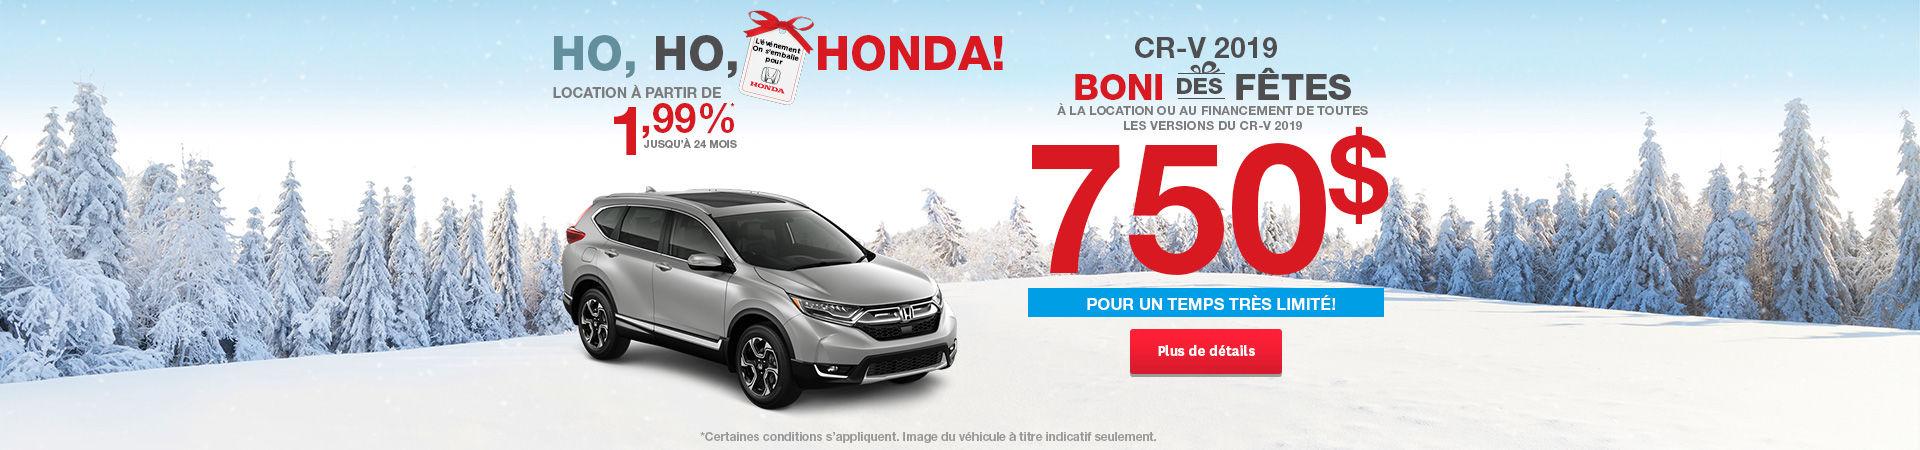 Honda CR-V - Headers